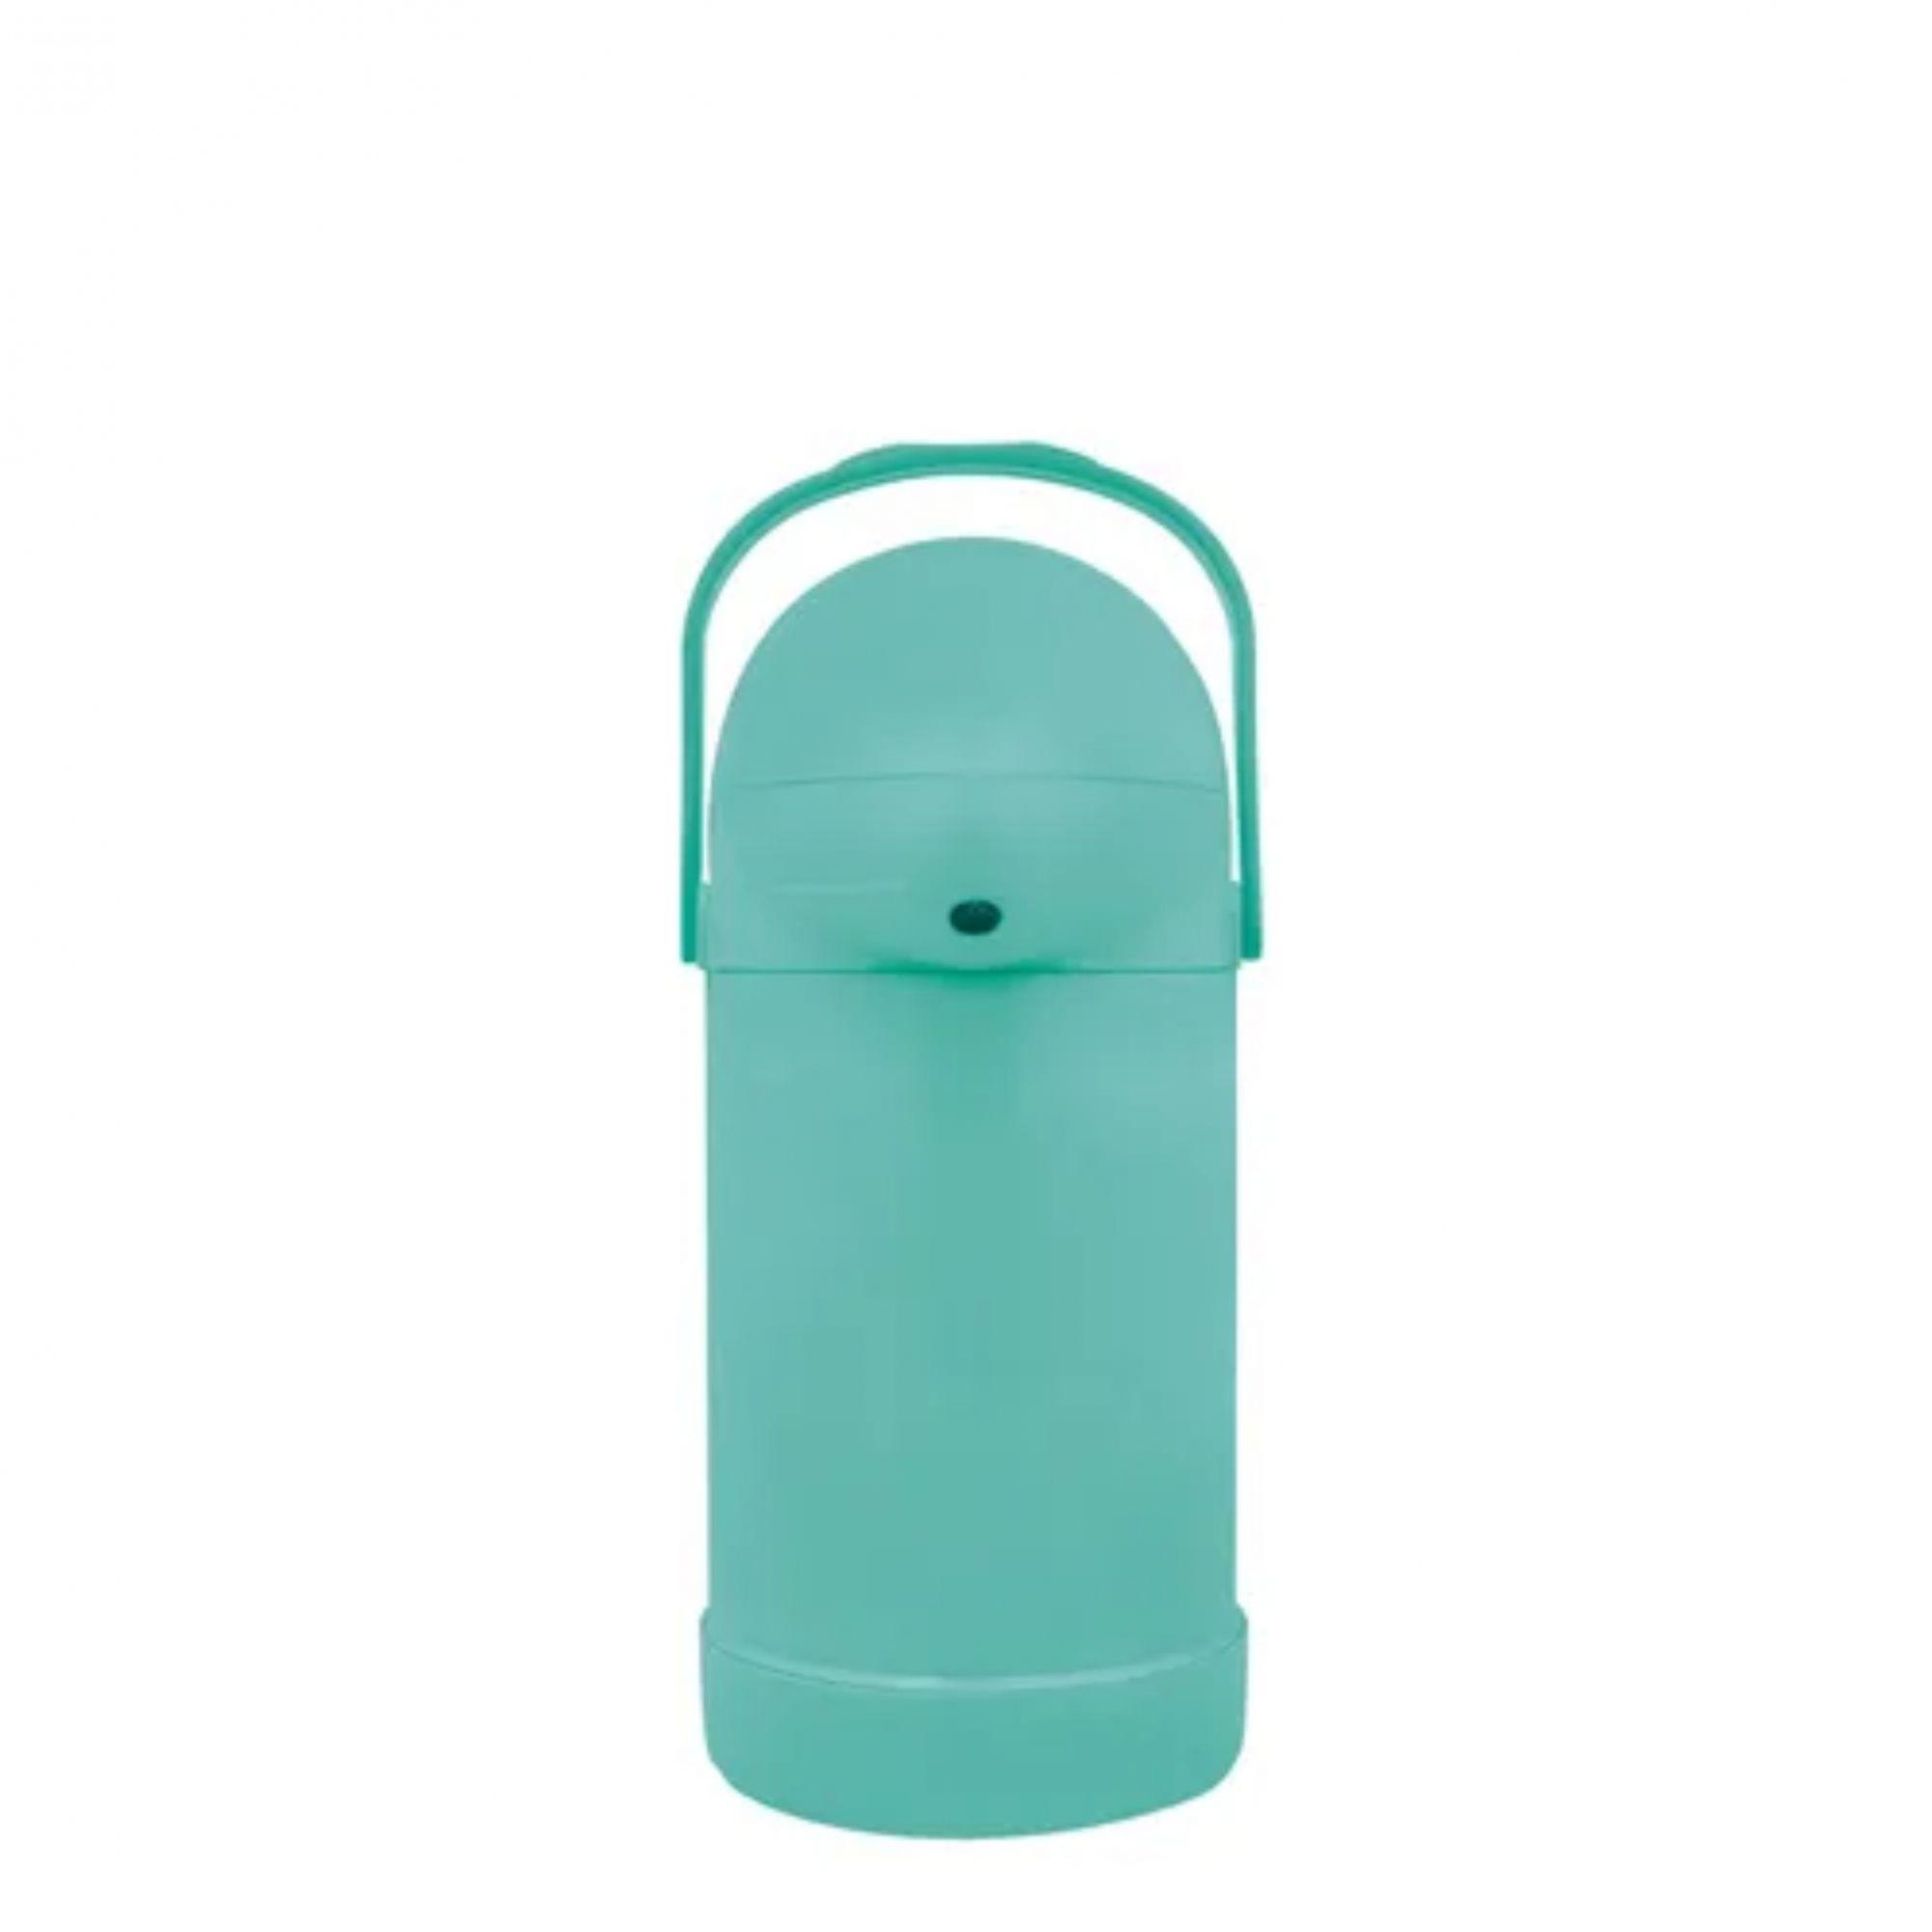 Garrafa de Pressão Nobile 500ml - Cor Bala de Menta (Verde Claro)  - Pensou Filtros